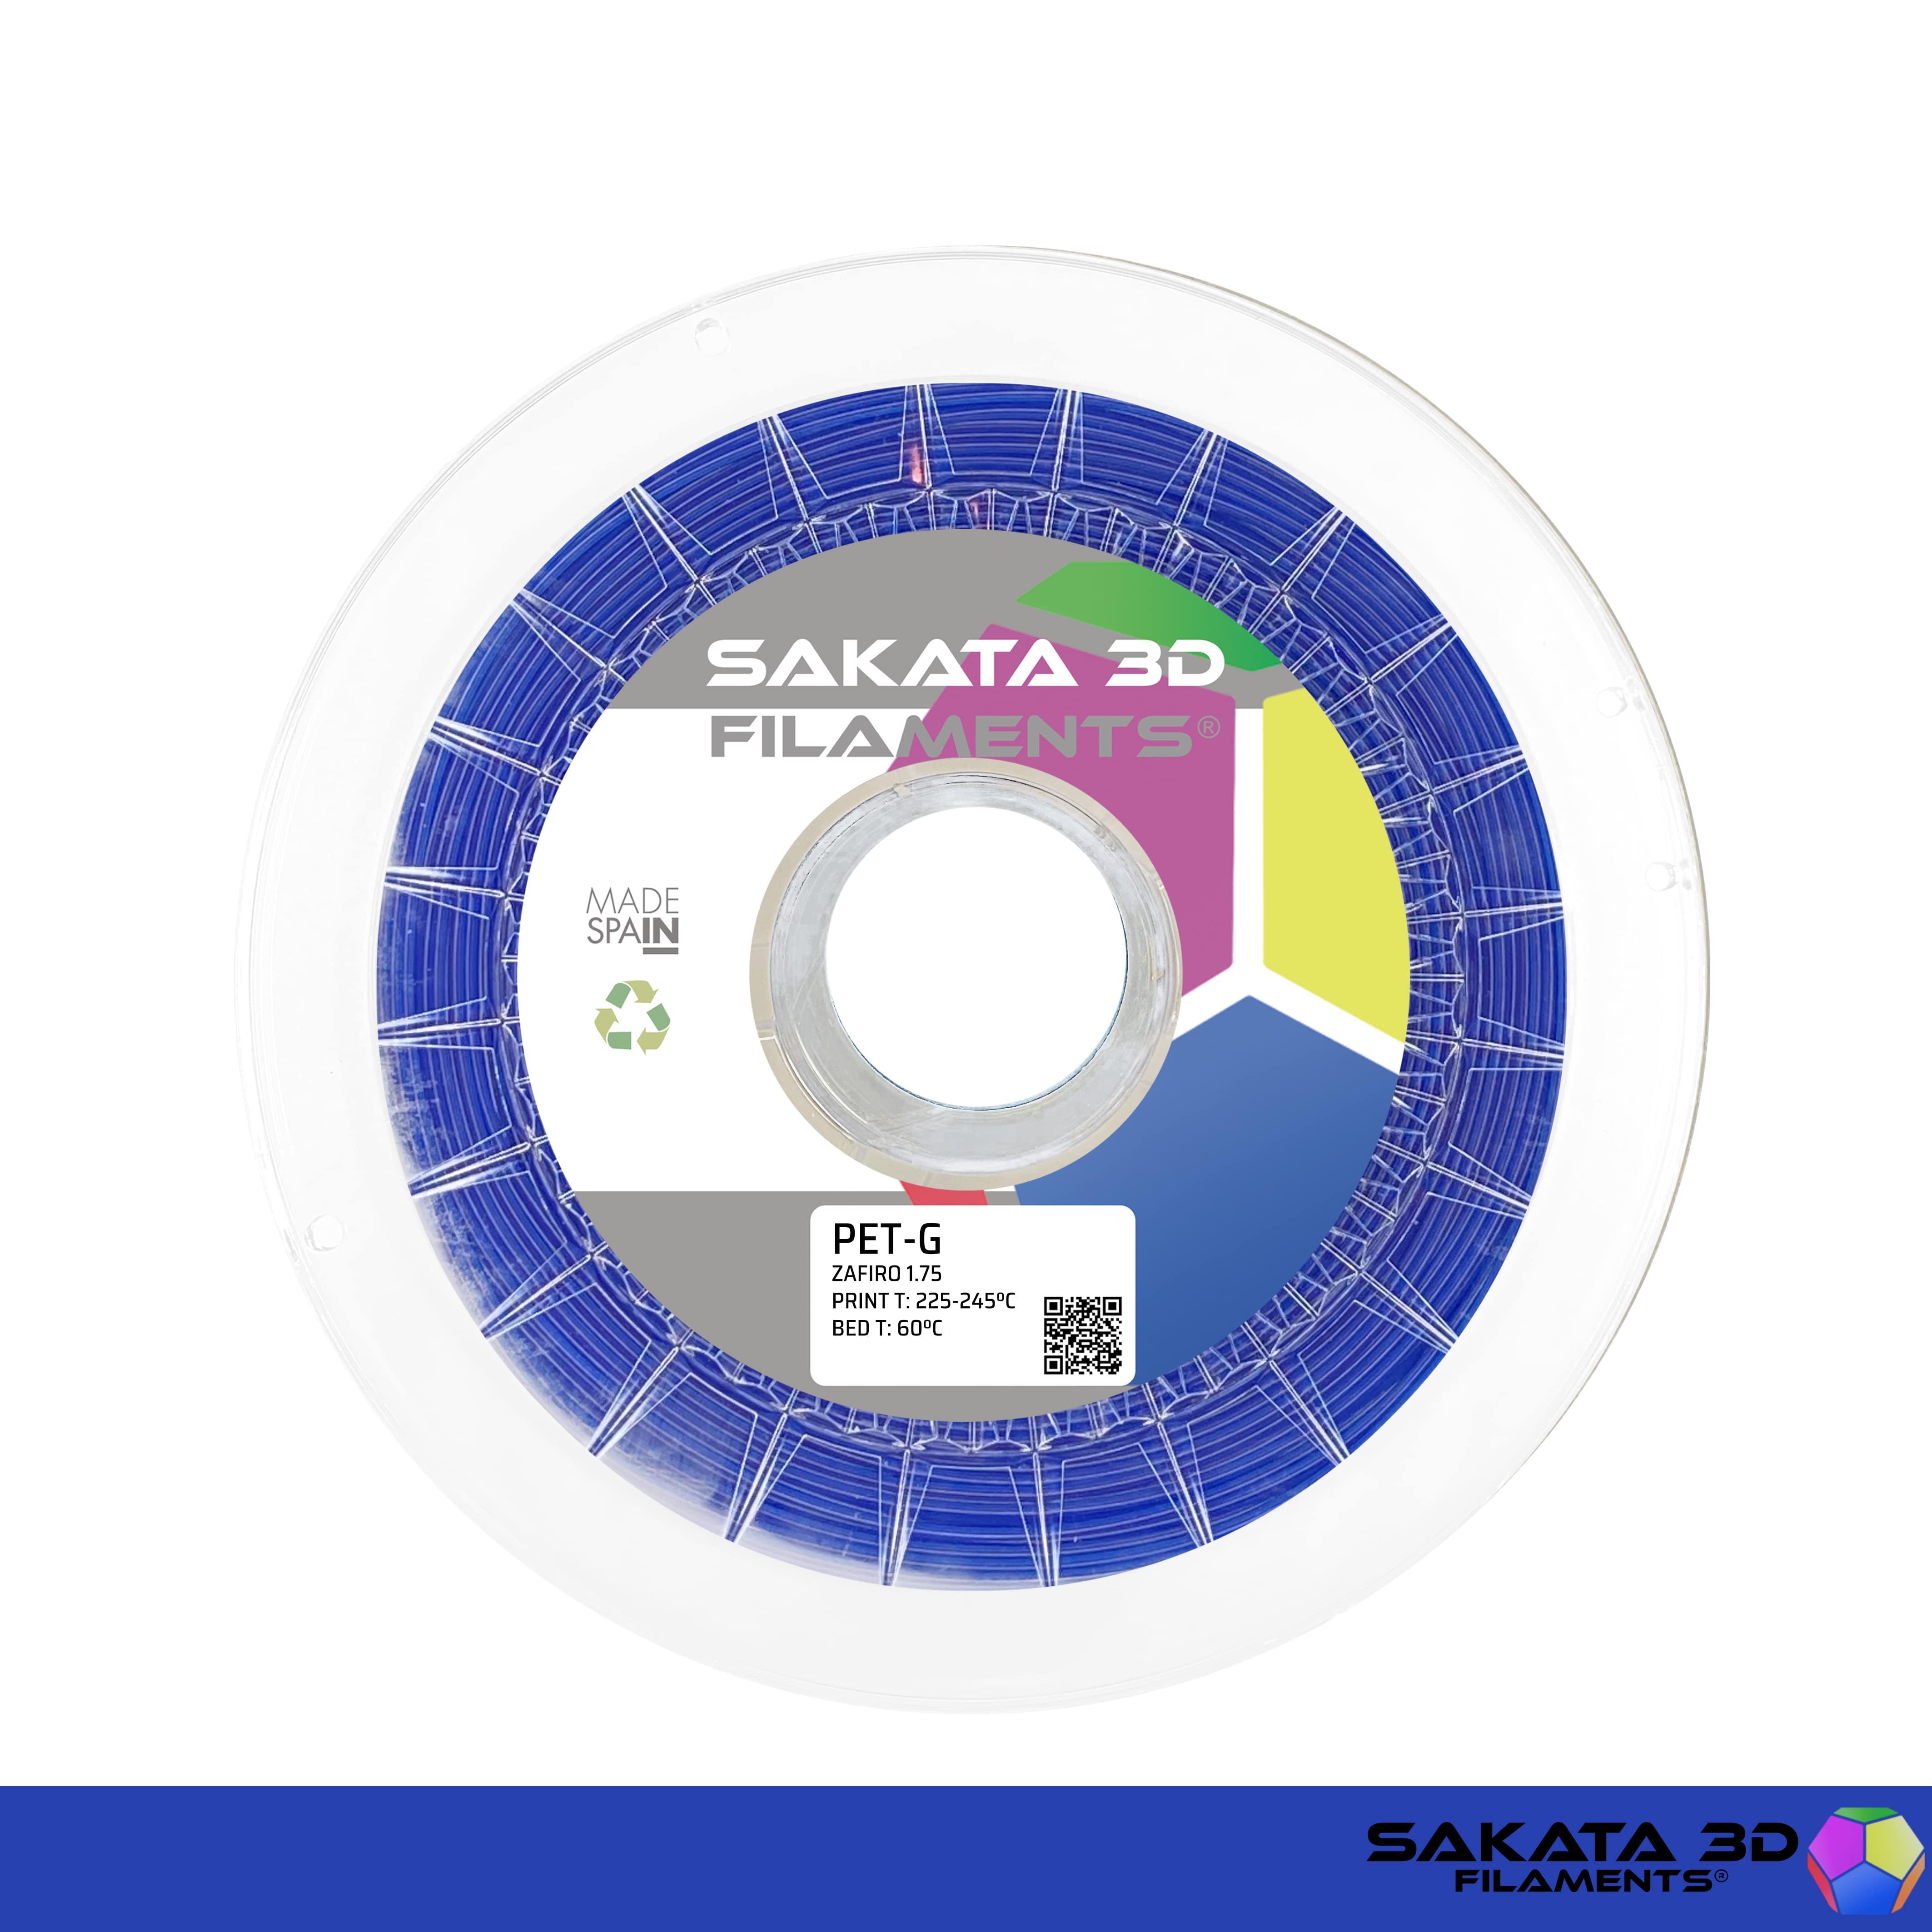 Filament 3D : PETG Sakata 3D Bleu